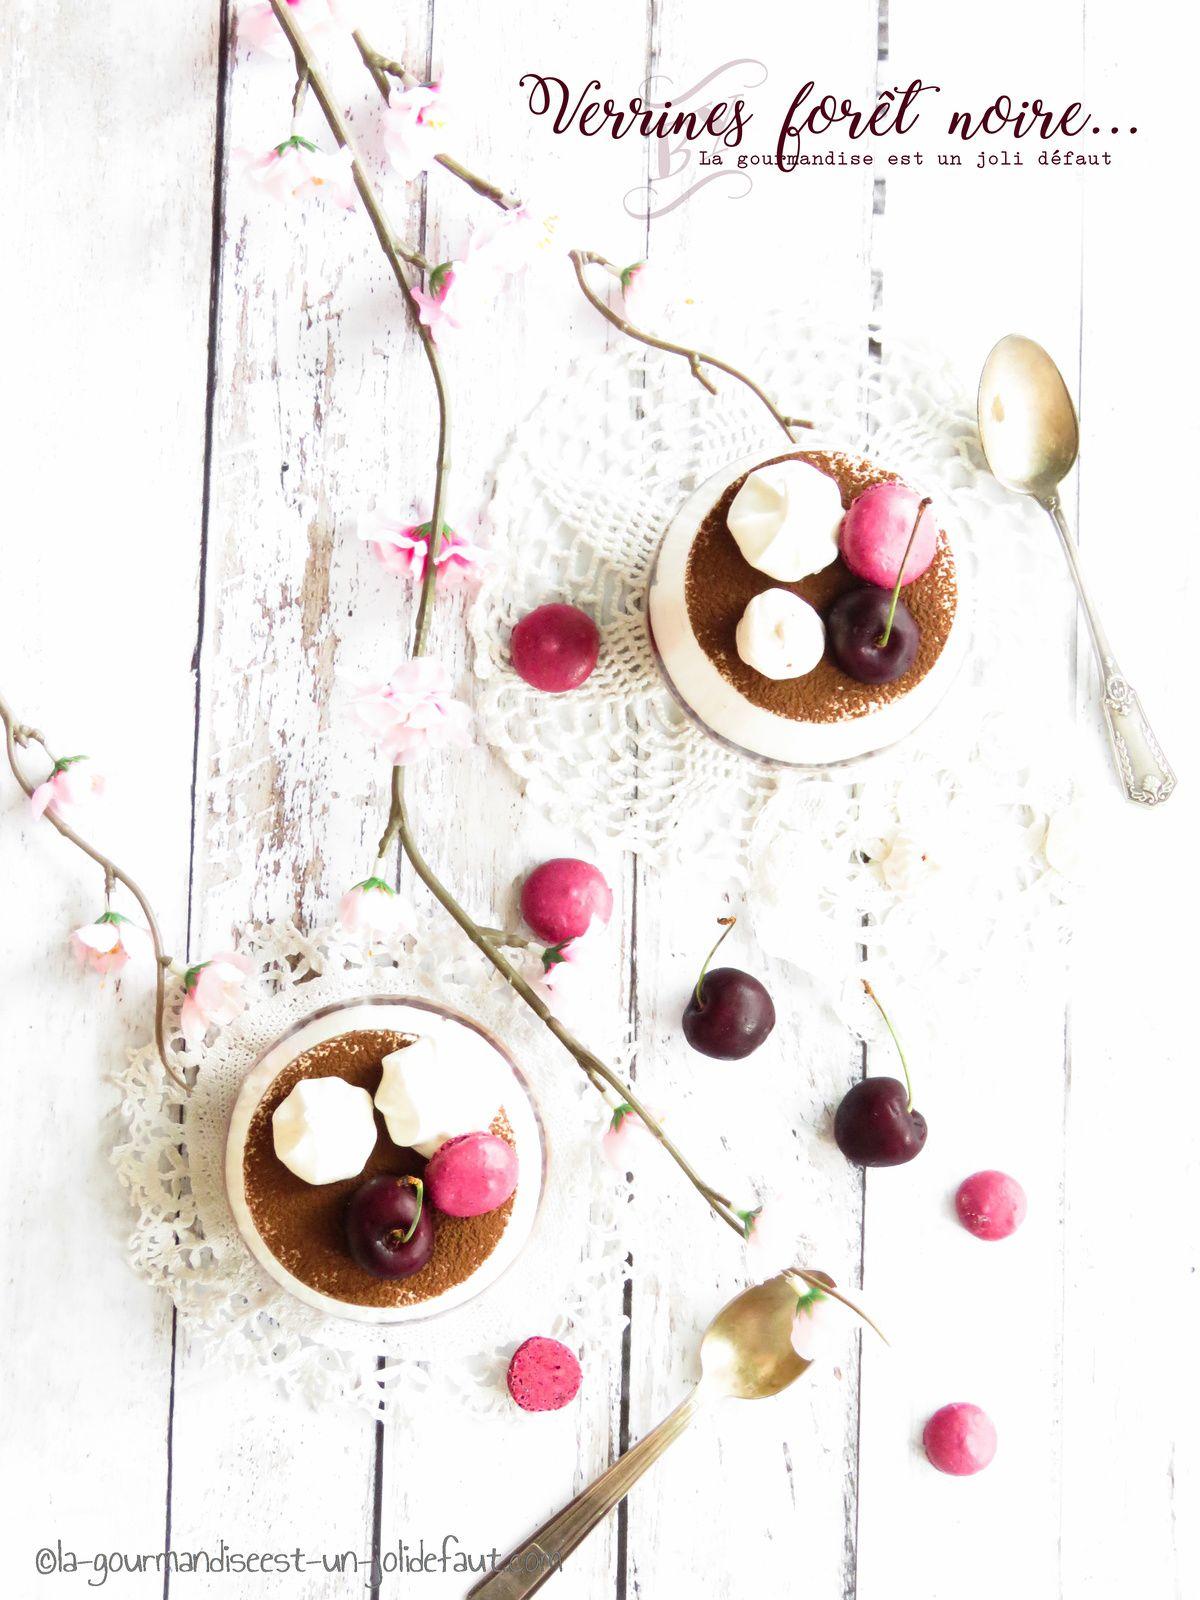 Verrines chocolat-cerise comme une forêt noire...